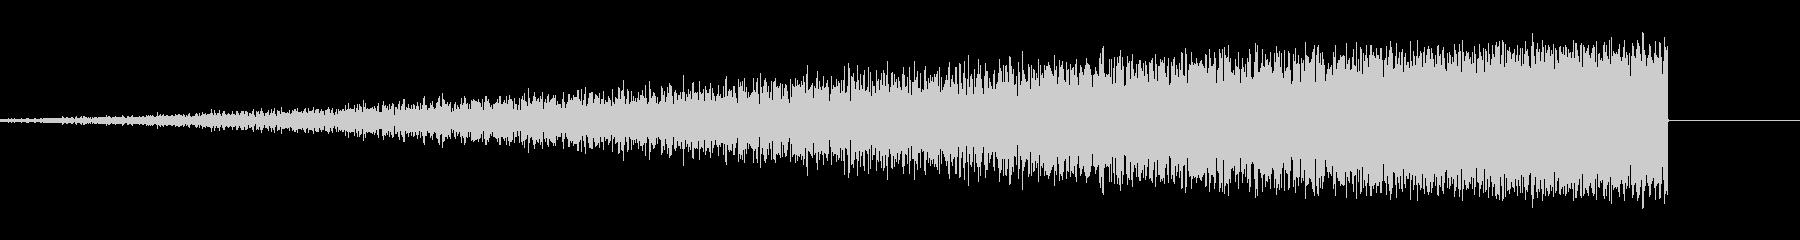 不安を煽る上昇音1の未再生の波形